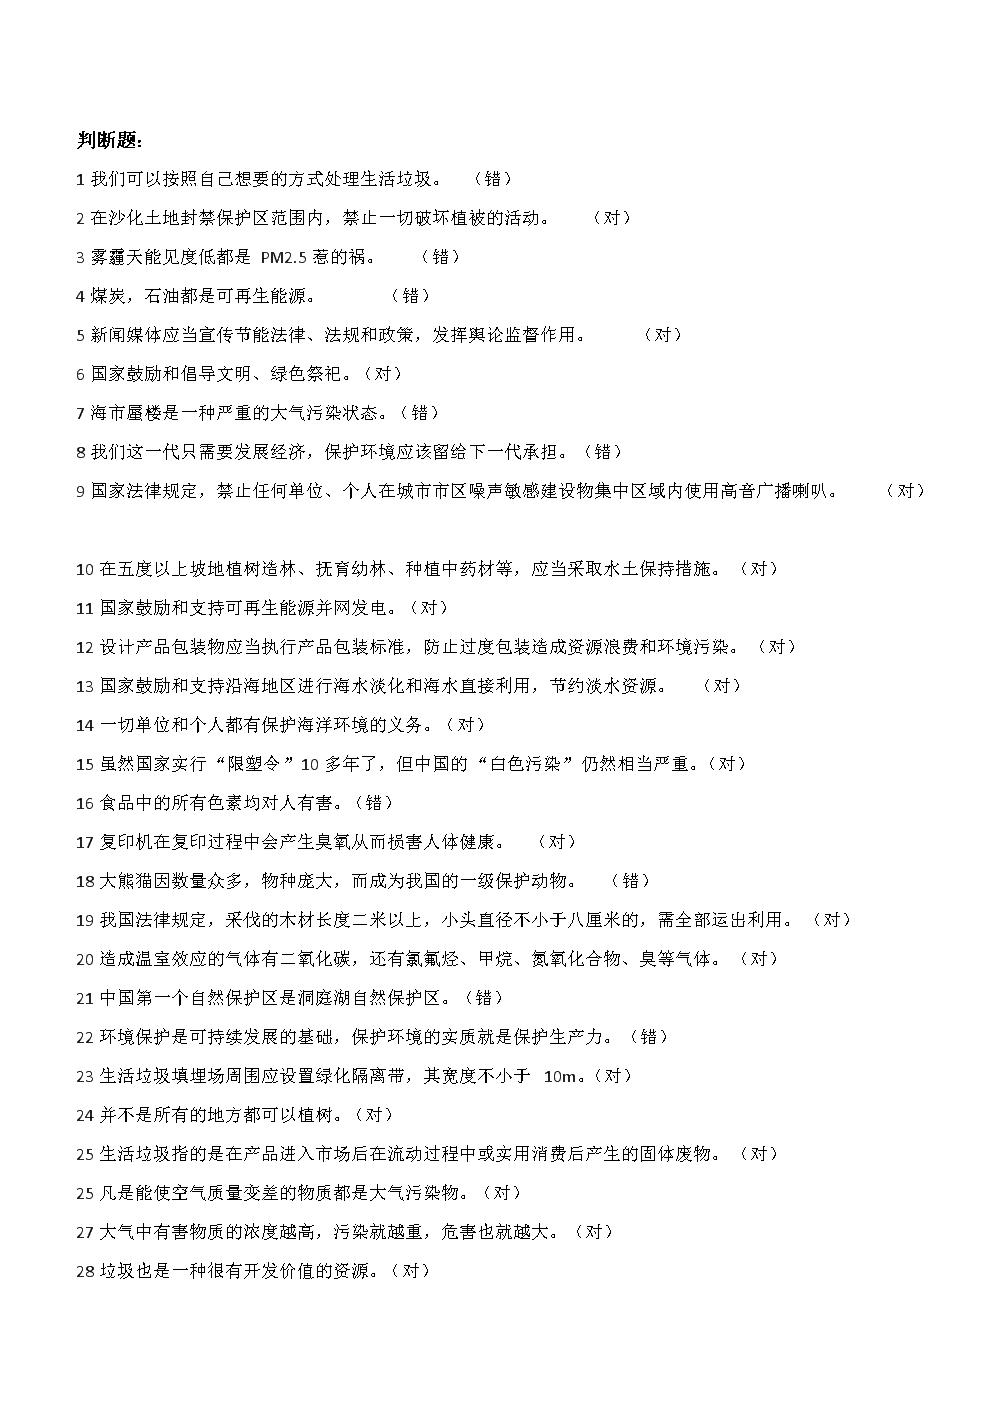 2019年环保知识竞赛模拟题.doc